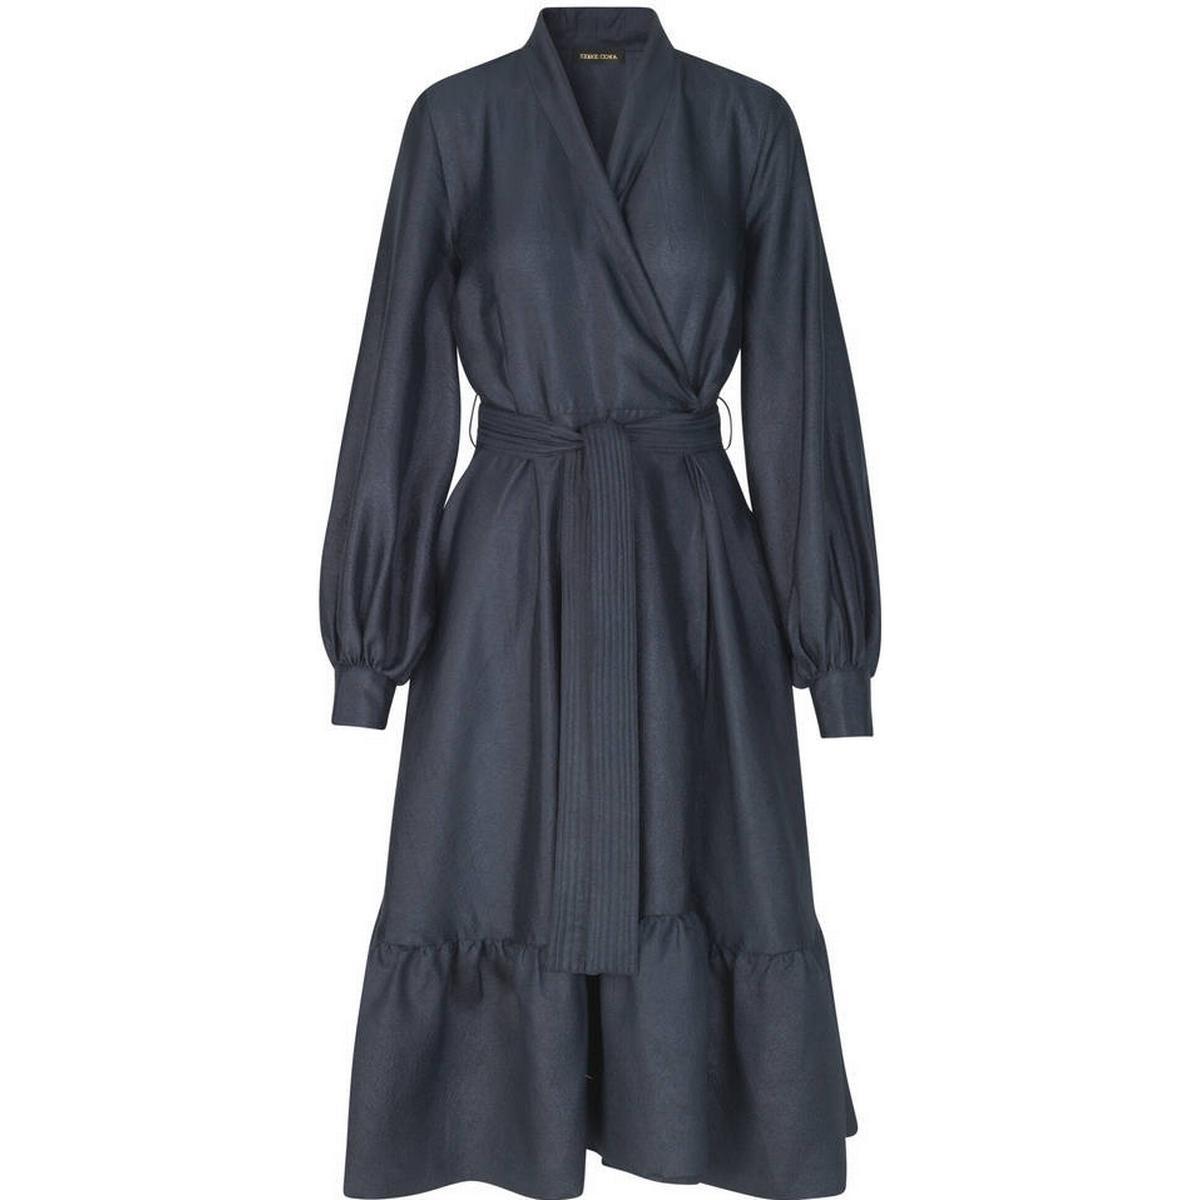 83fc960d Dametøj - Sammenlign priser på dametøj hos PriceRunner